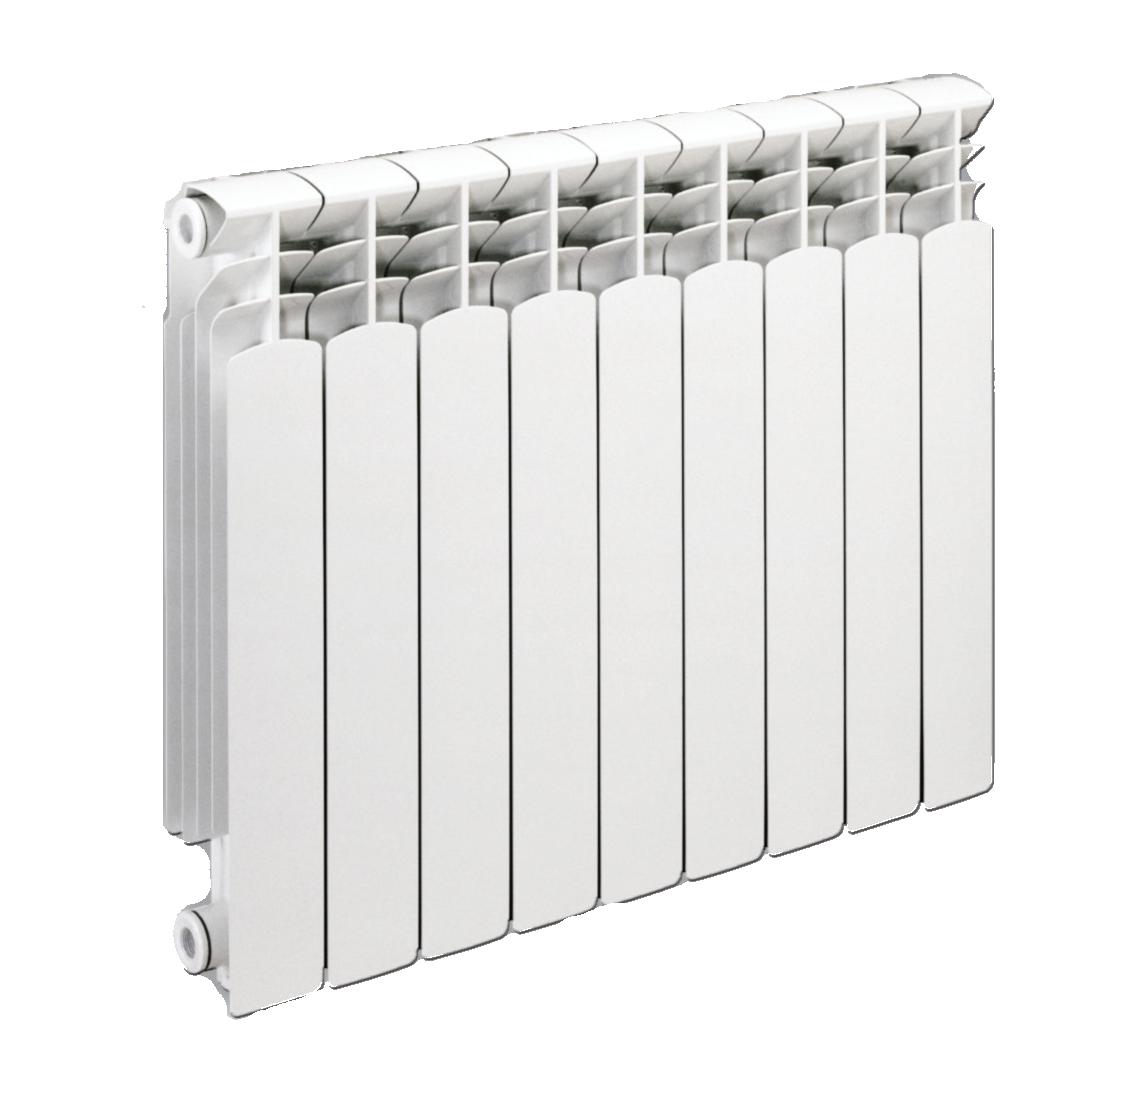 Биметаллический радиатор radena модель cs500- фотография 1 избранное